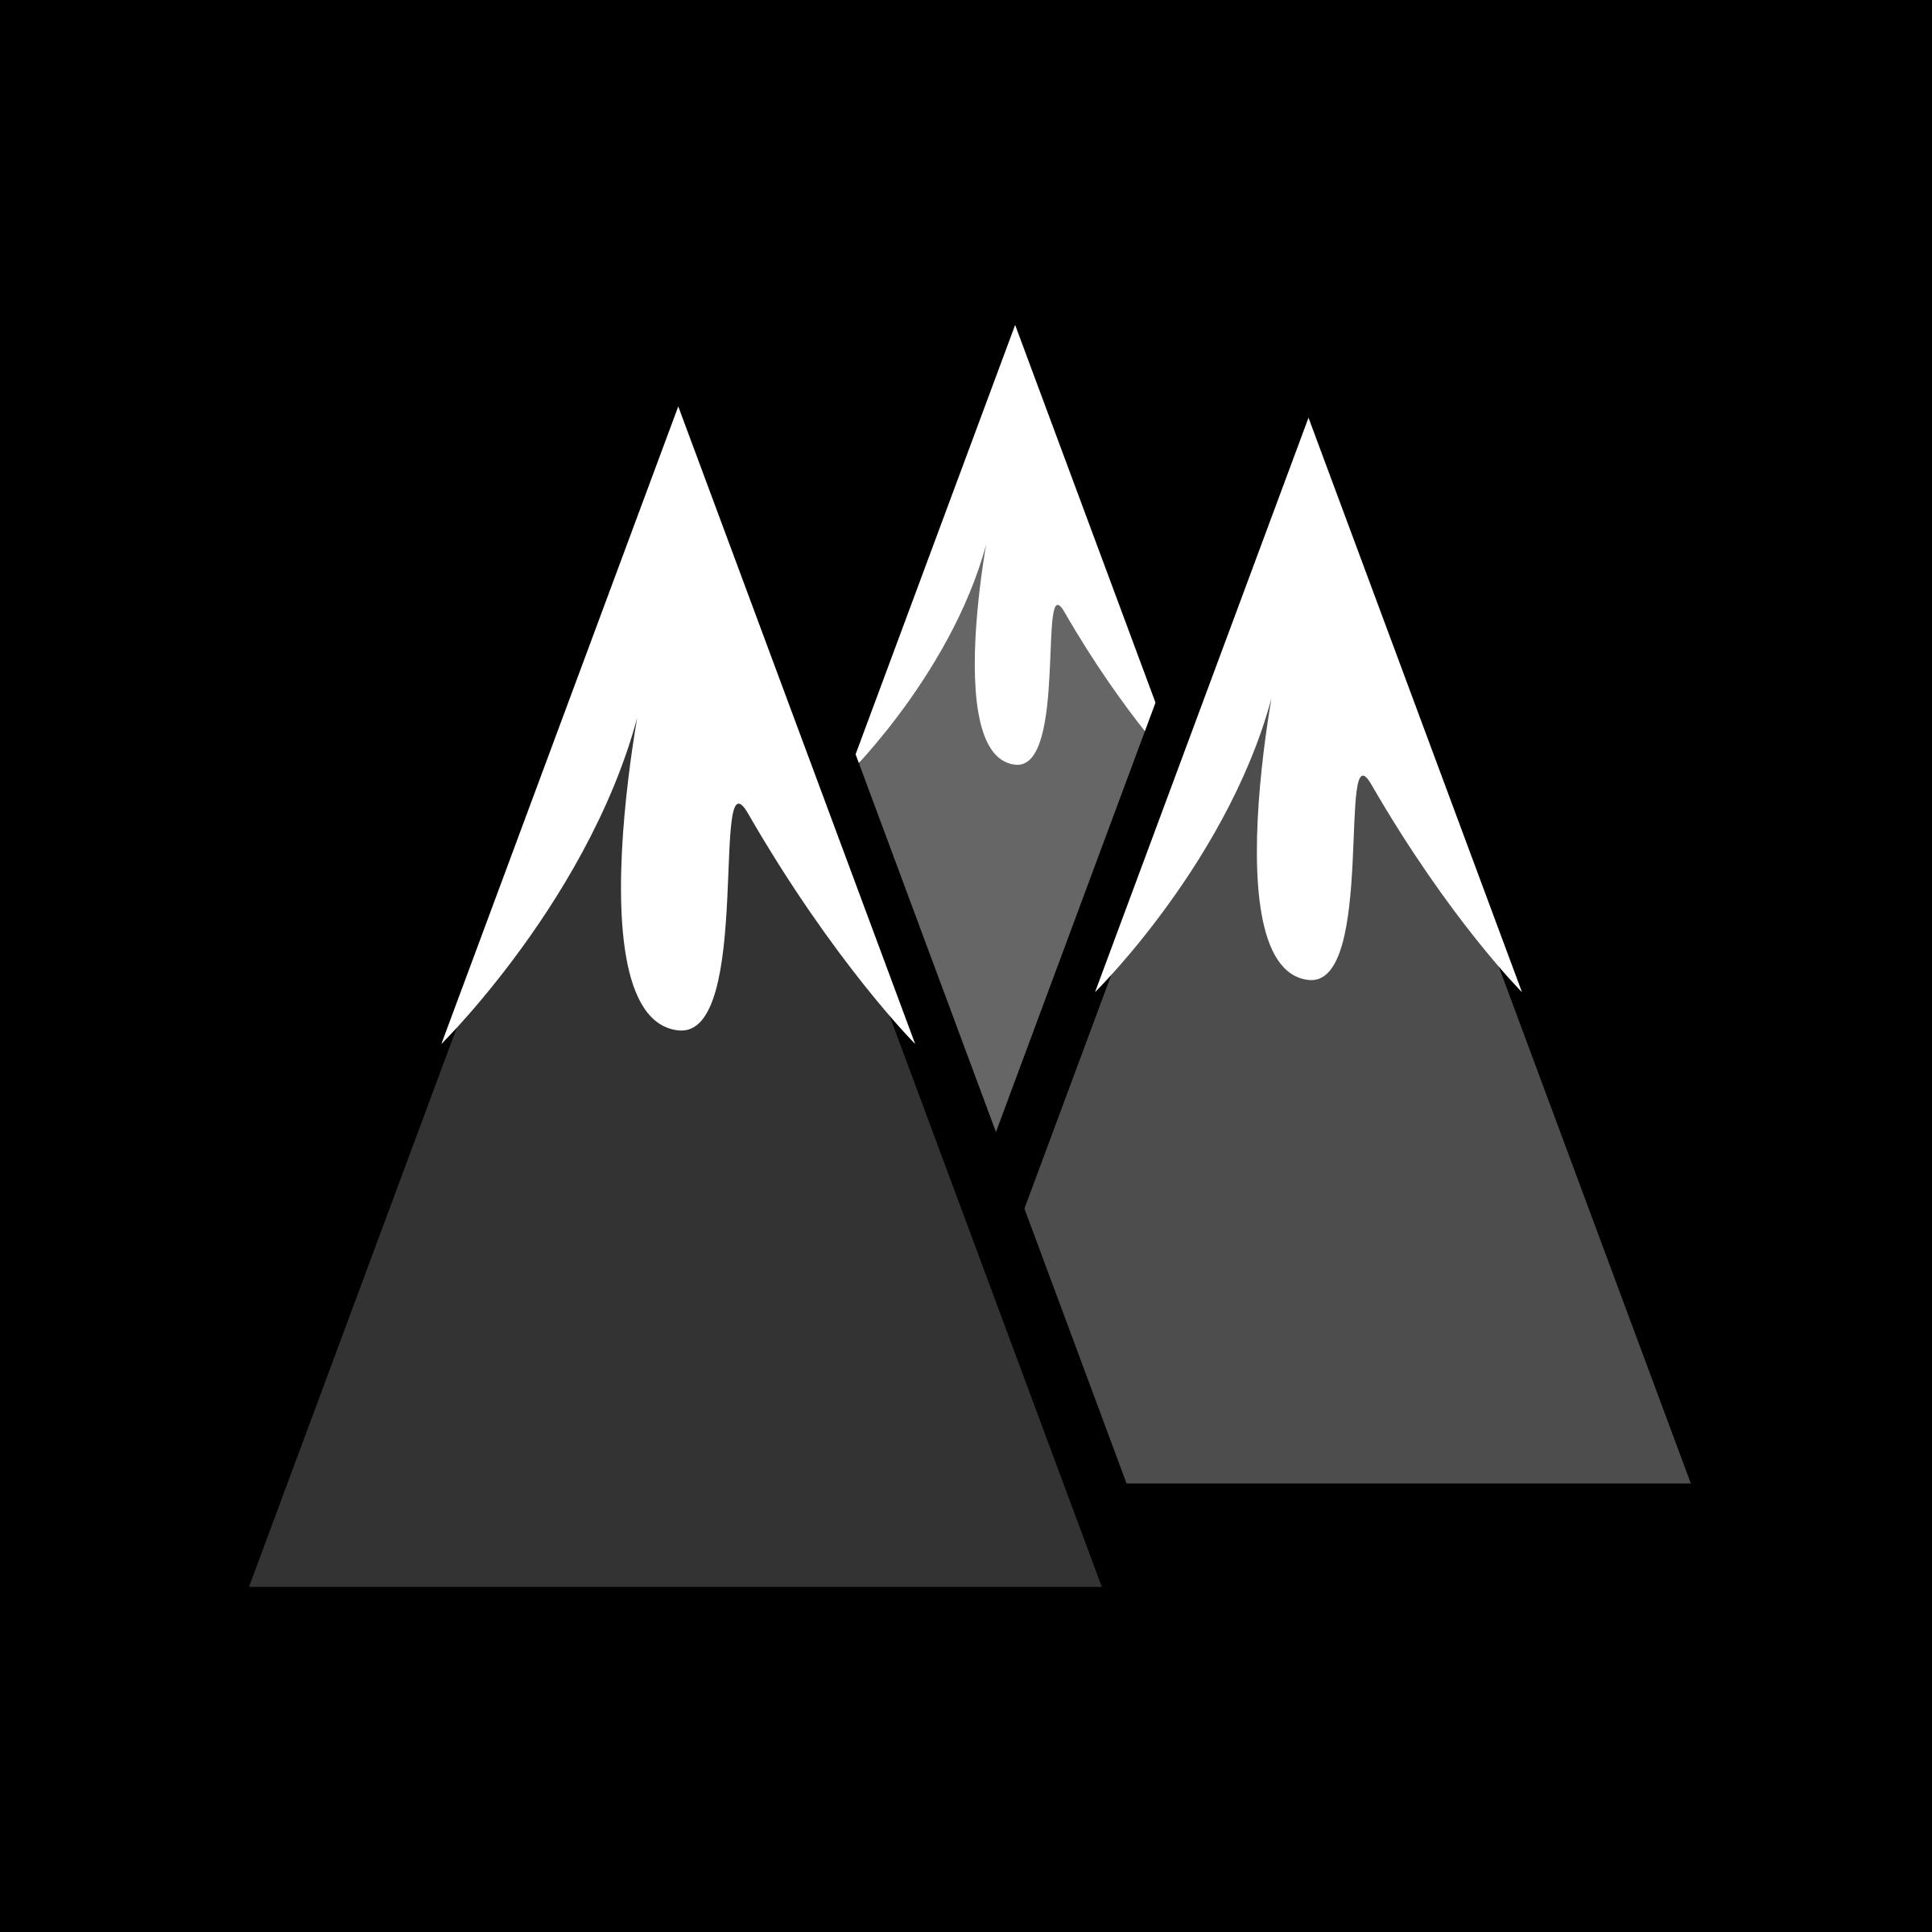 Mountain black and white mountains mountain clipart black.